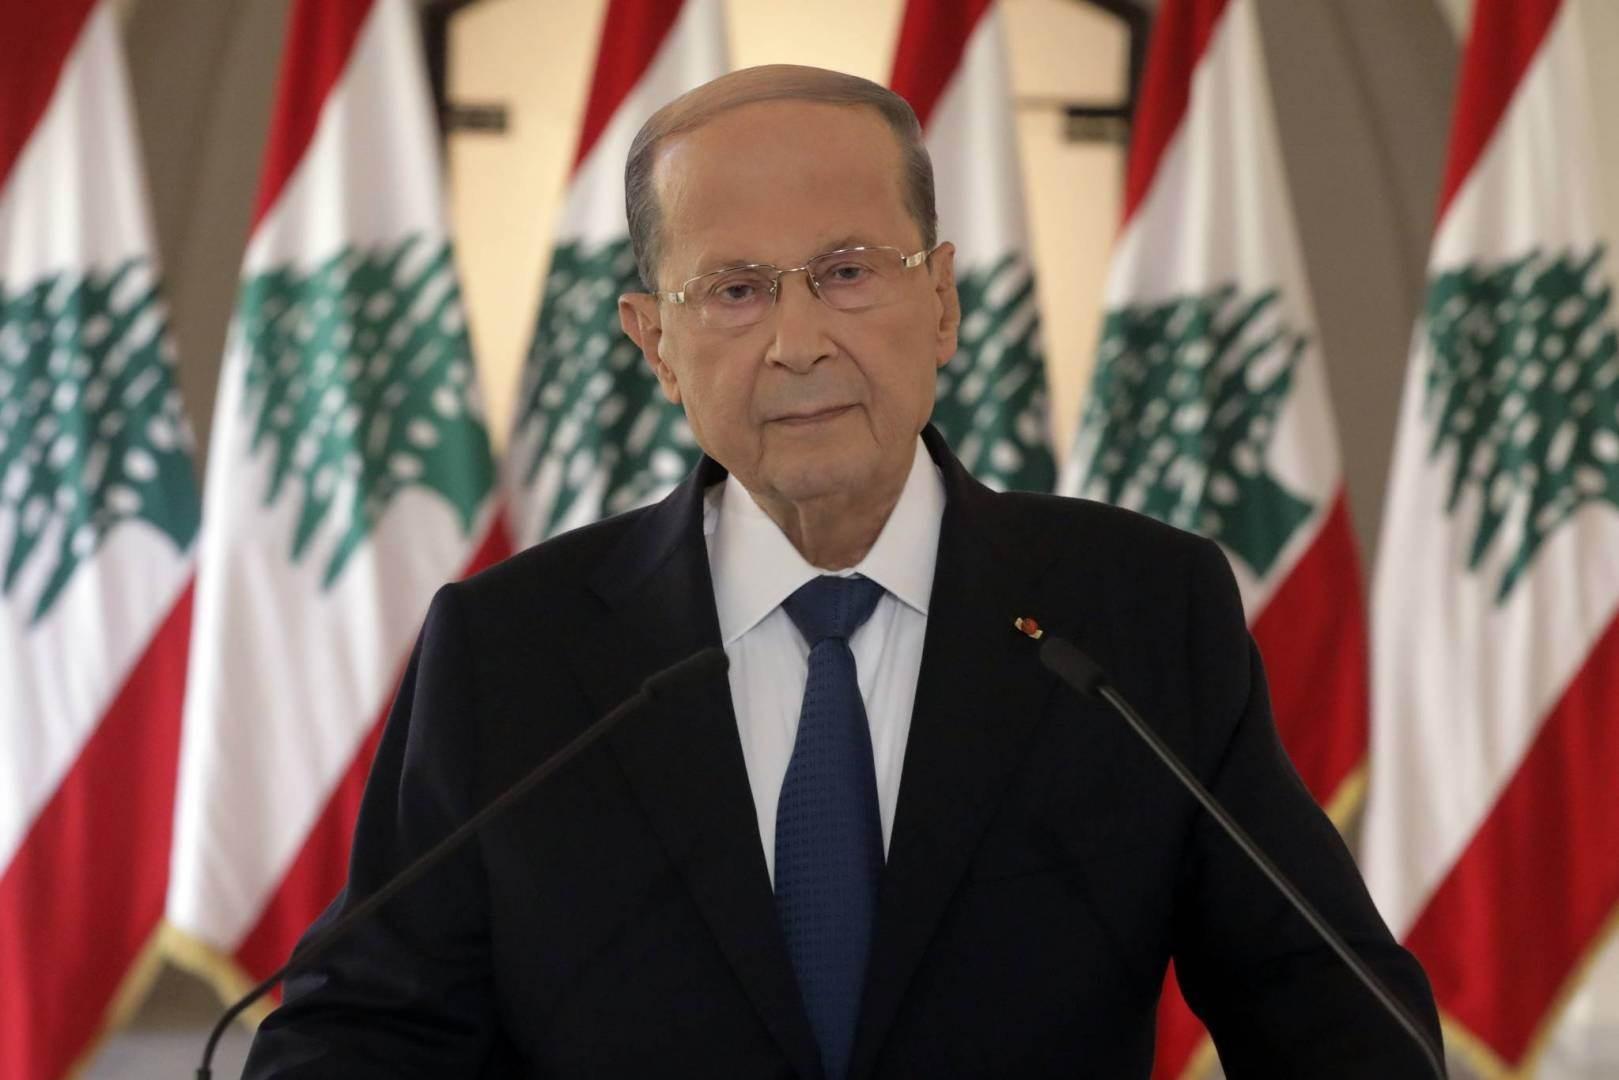 الرئاسة اللبنانية: المطالبة بتحقيق دولي في انفجار المرفأ تهدف لتضييع الوقت